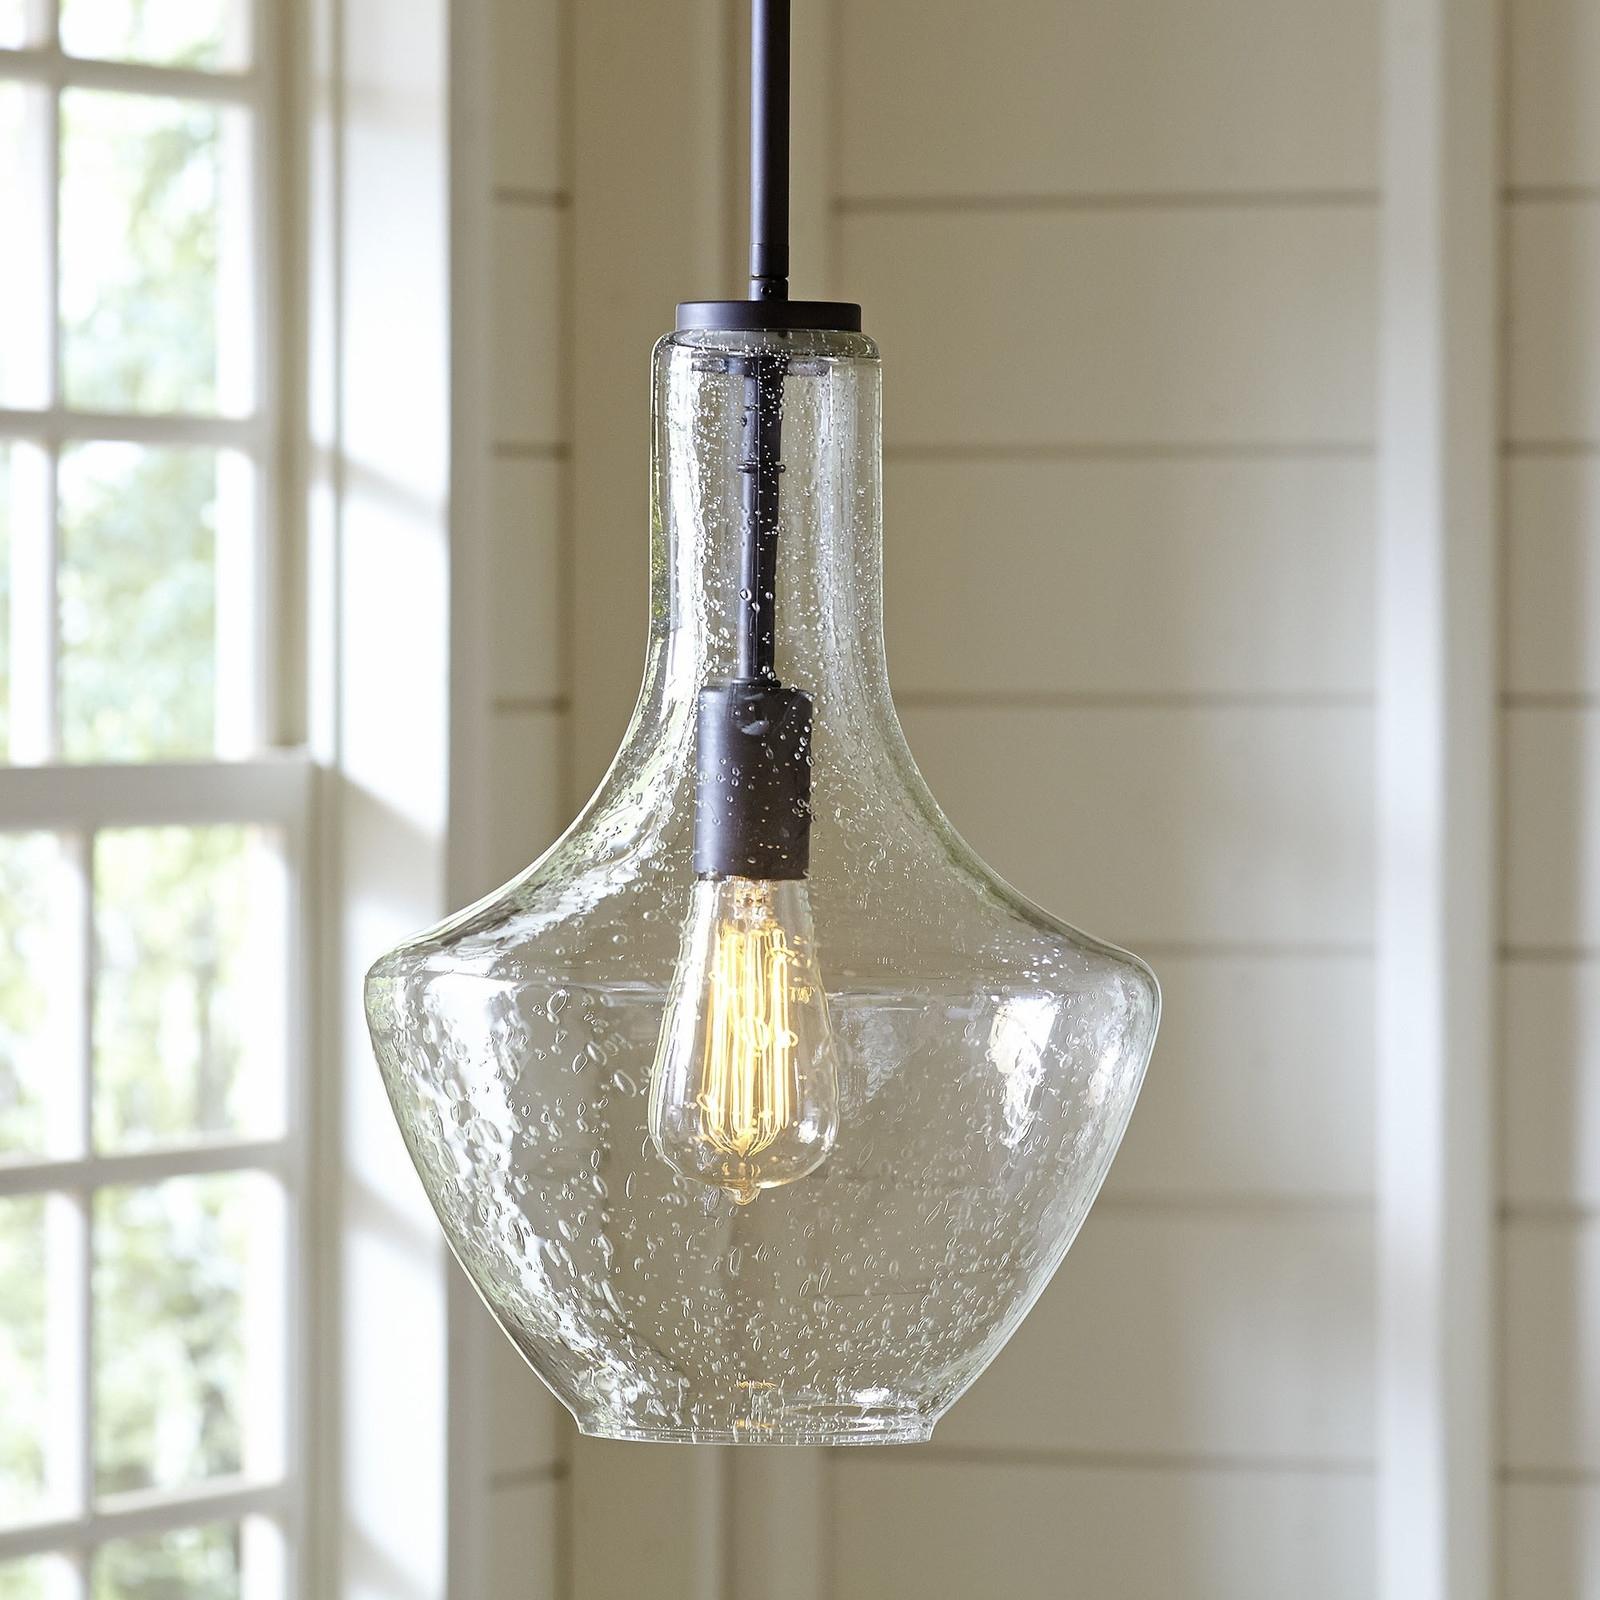 Diy Outdoor Hanging Lights - Outdoor Designs intended for Diy Outdoor Hanging Lights (Image 4 of 10)